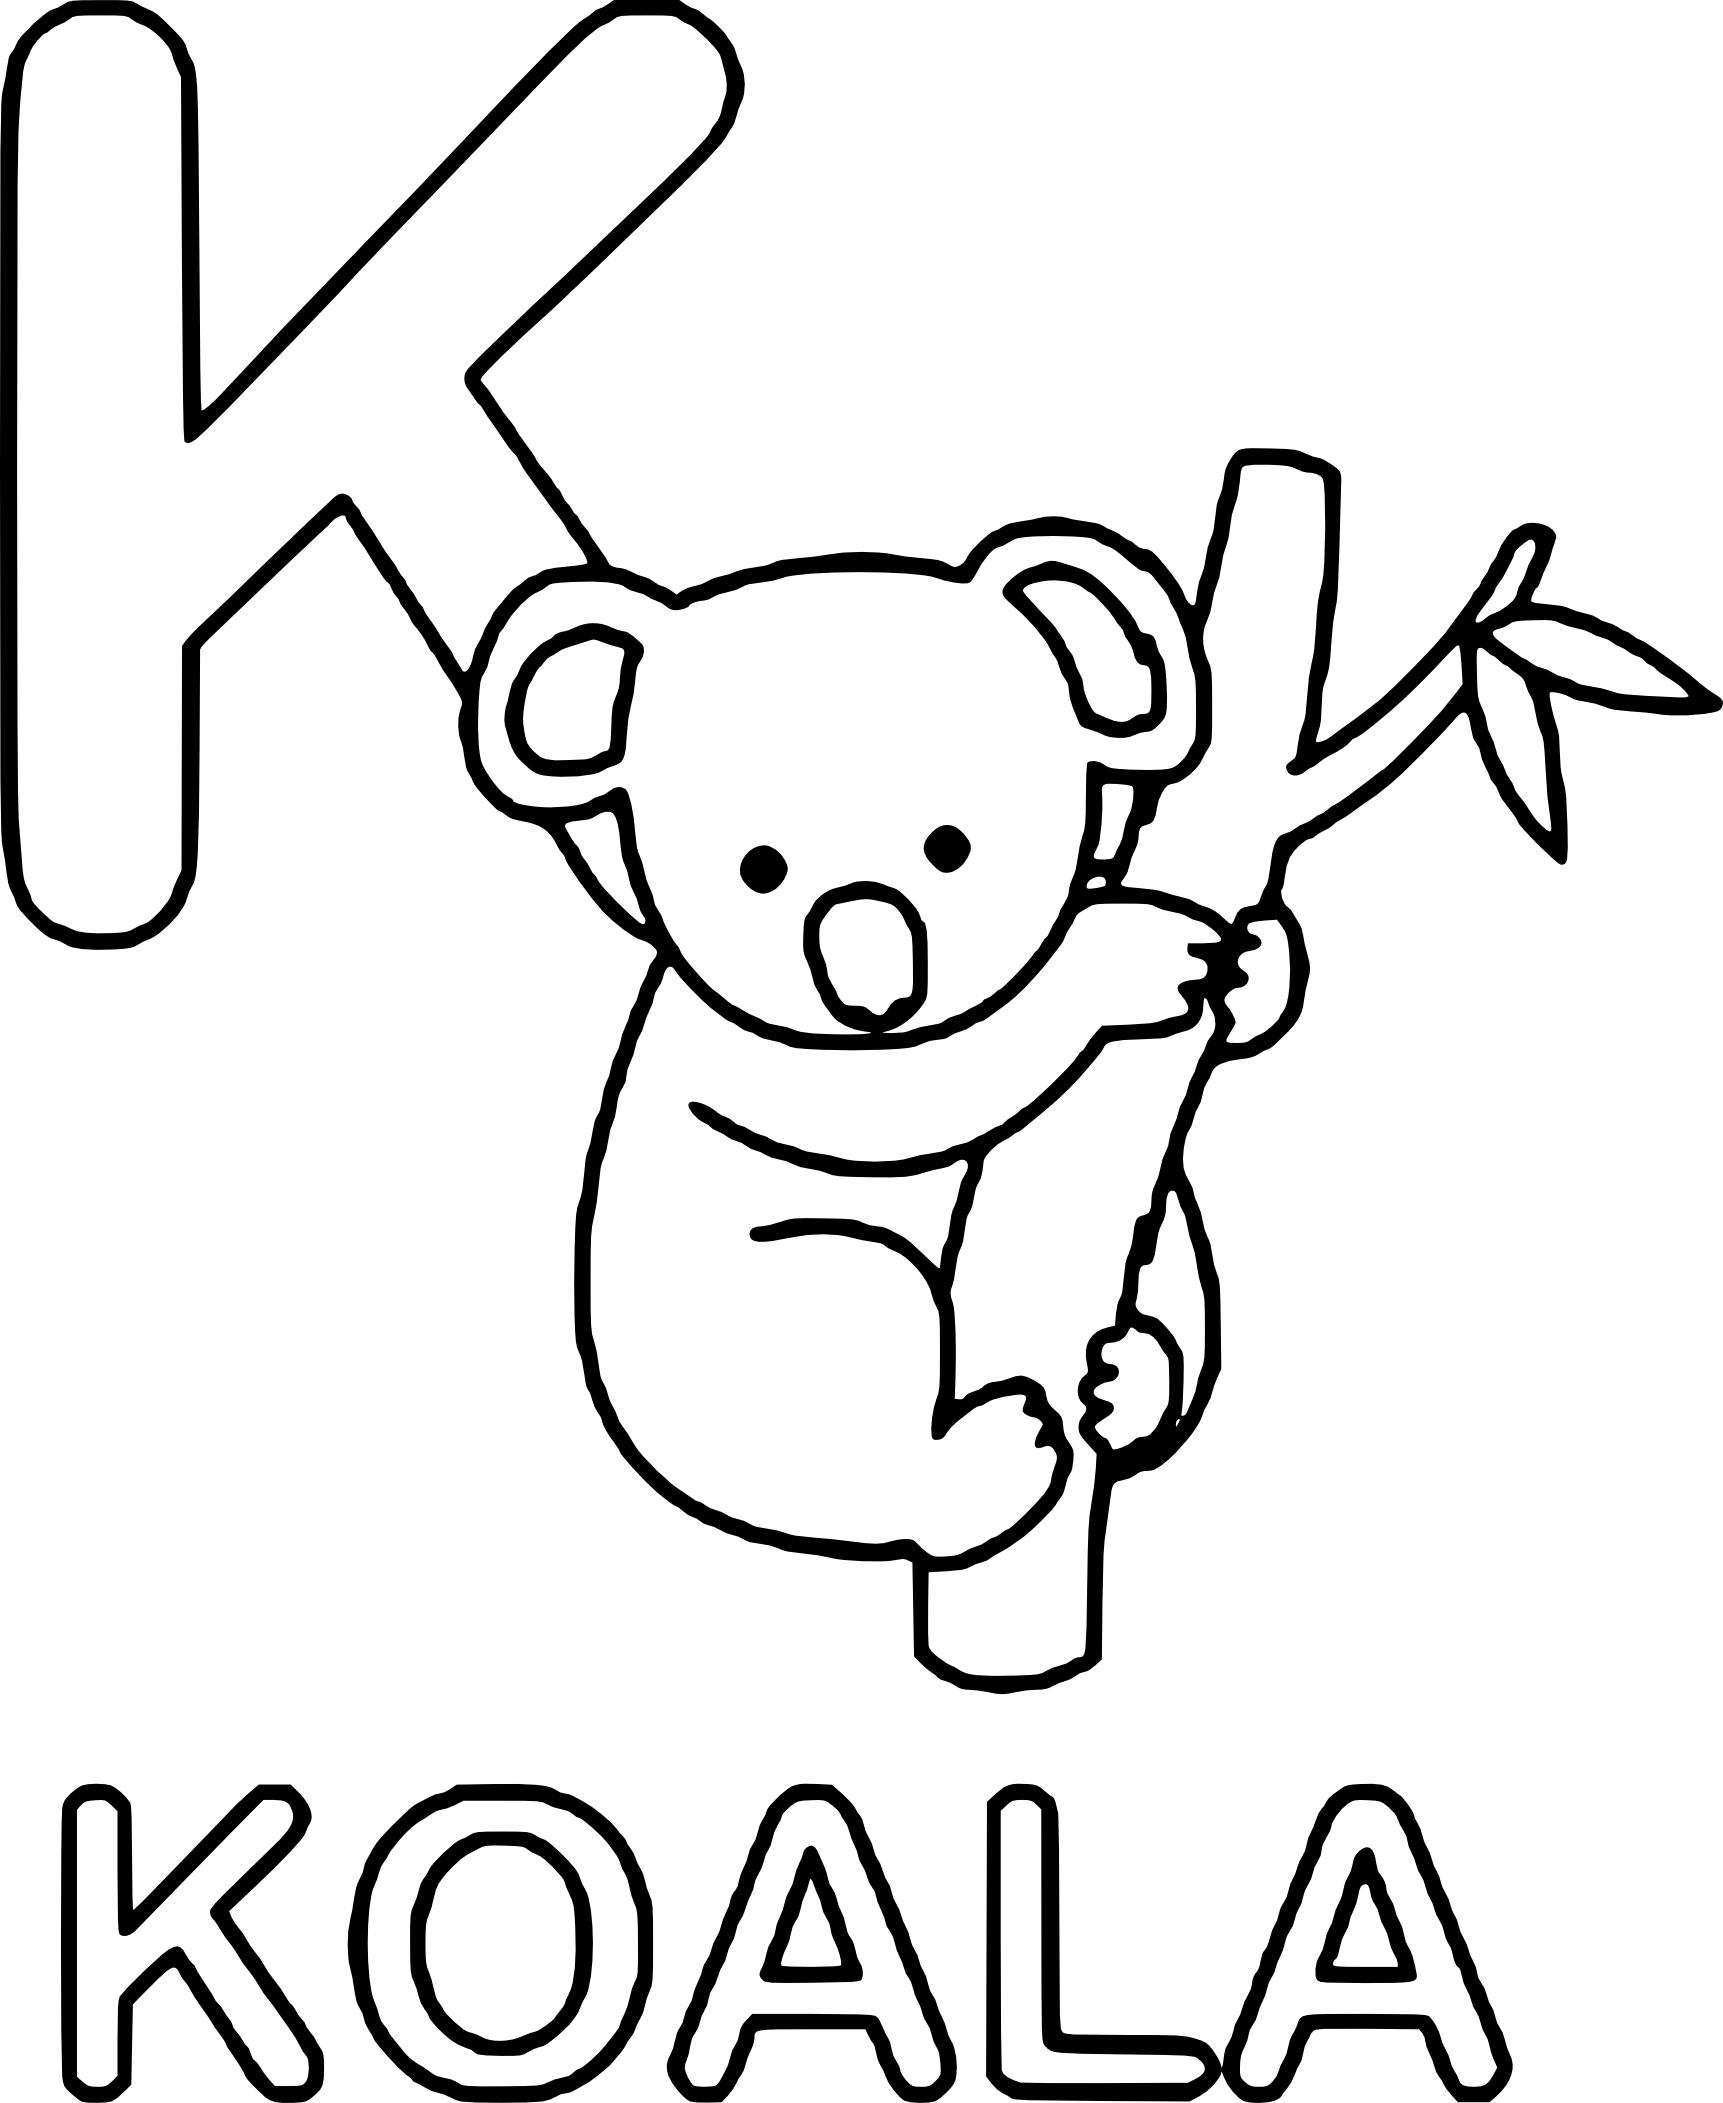 Coloriages à imprimer : Koala, numéro : 81bd6939